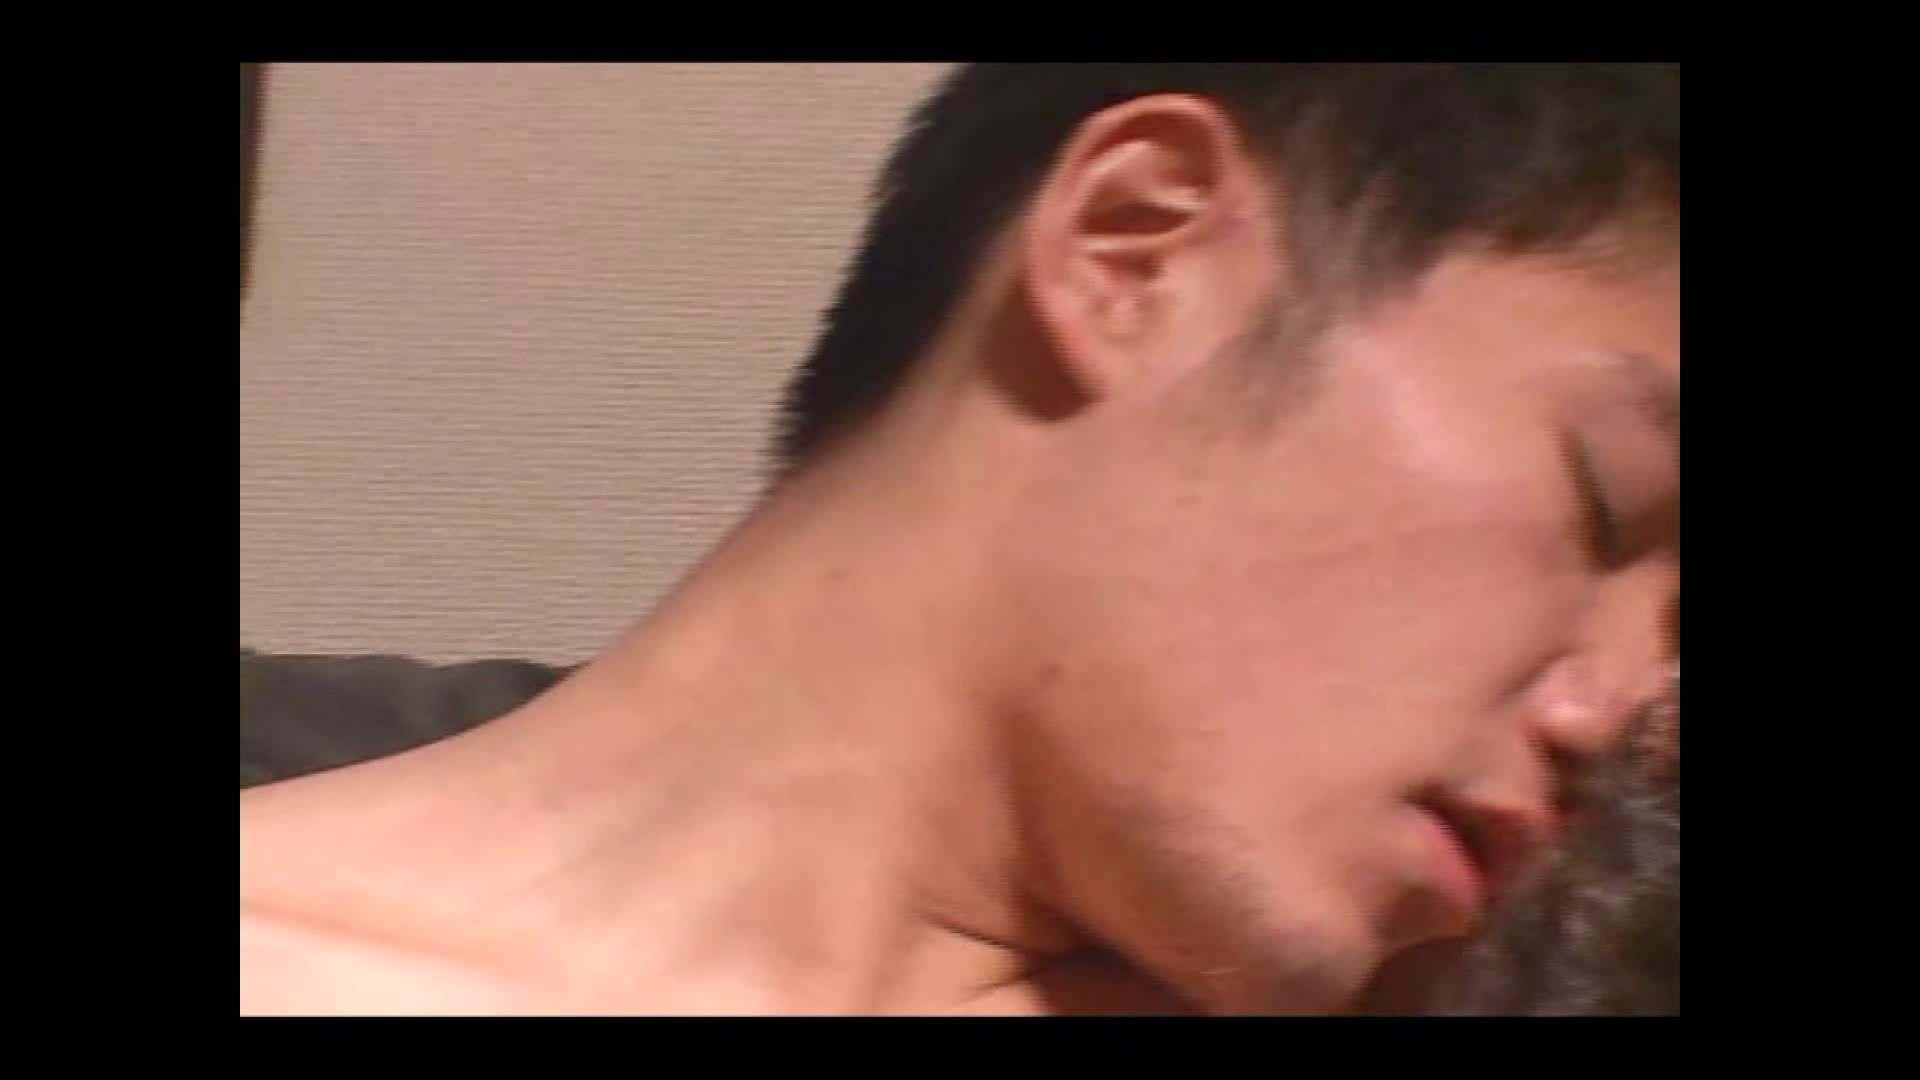 ノンケイケメンの欲望と肉棒 Vol.12 肉にく男子  65枚 64